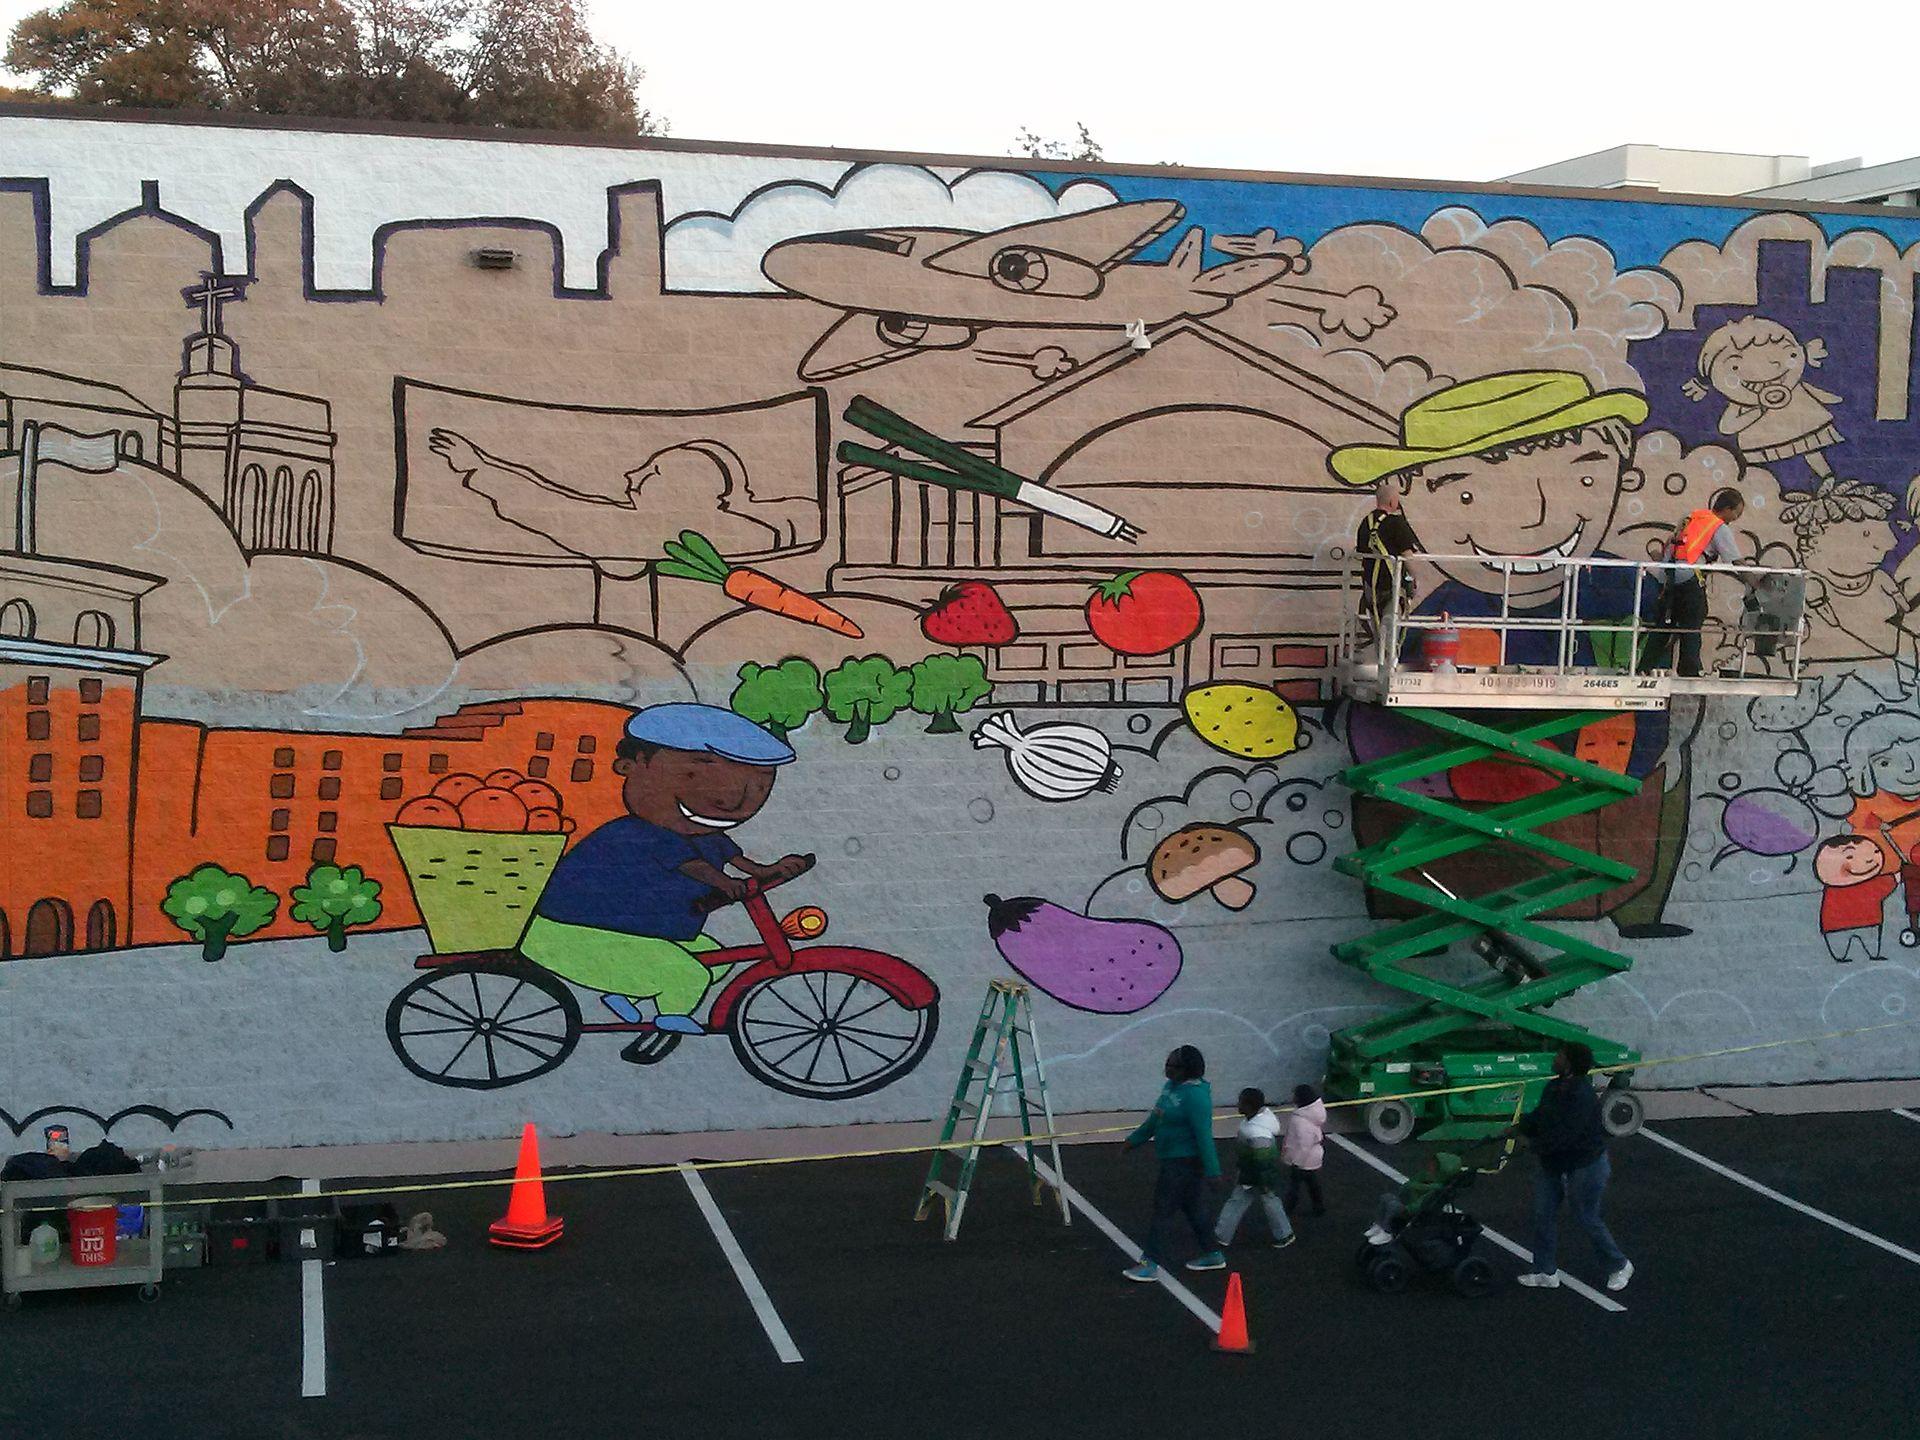 Murder kroger wikipedia for Atlanta mural artist